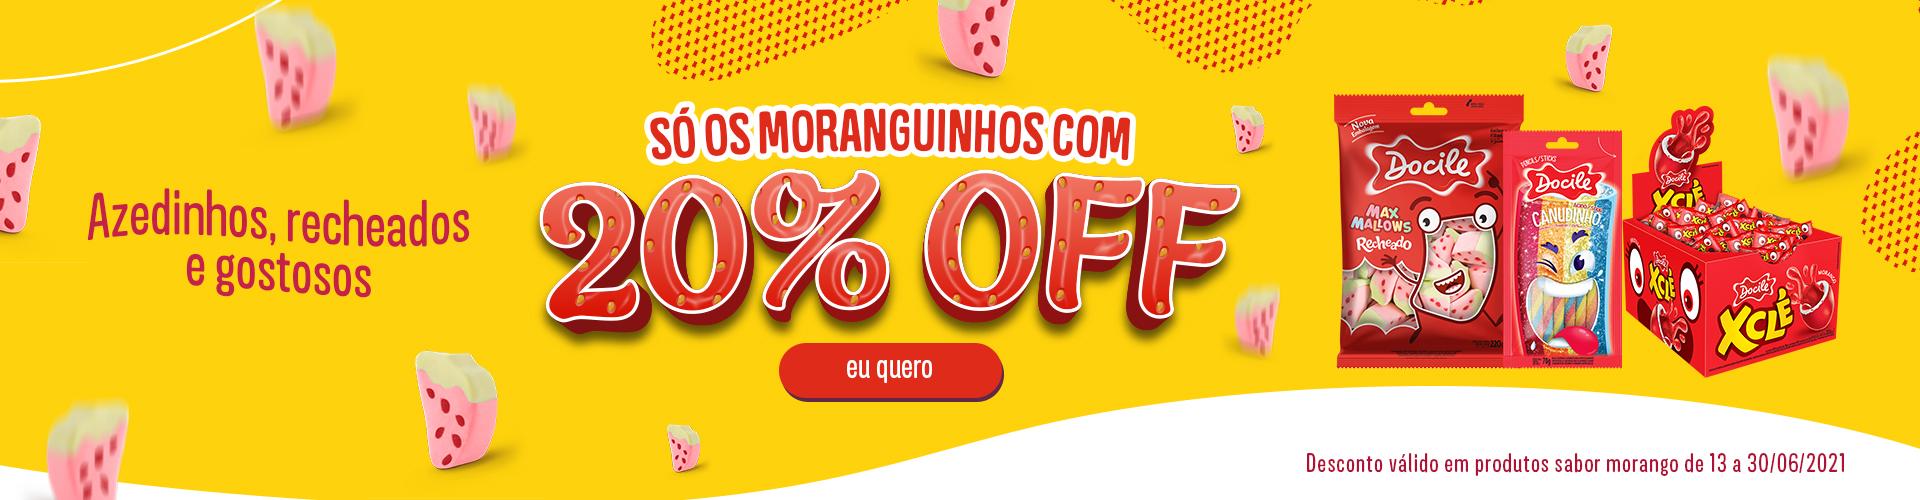 Festival de Moranguinho